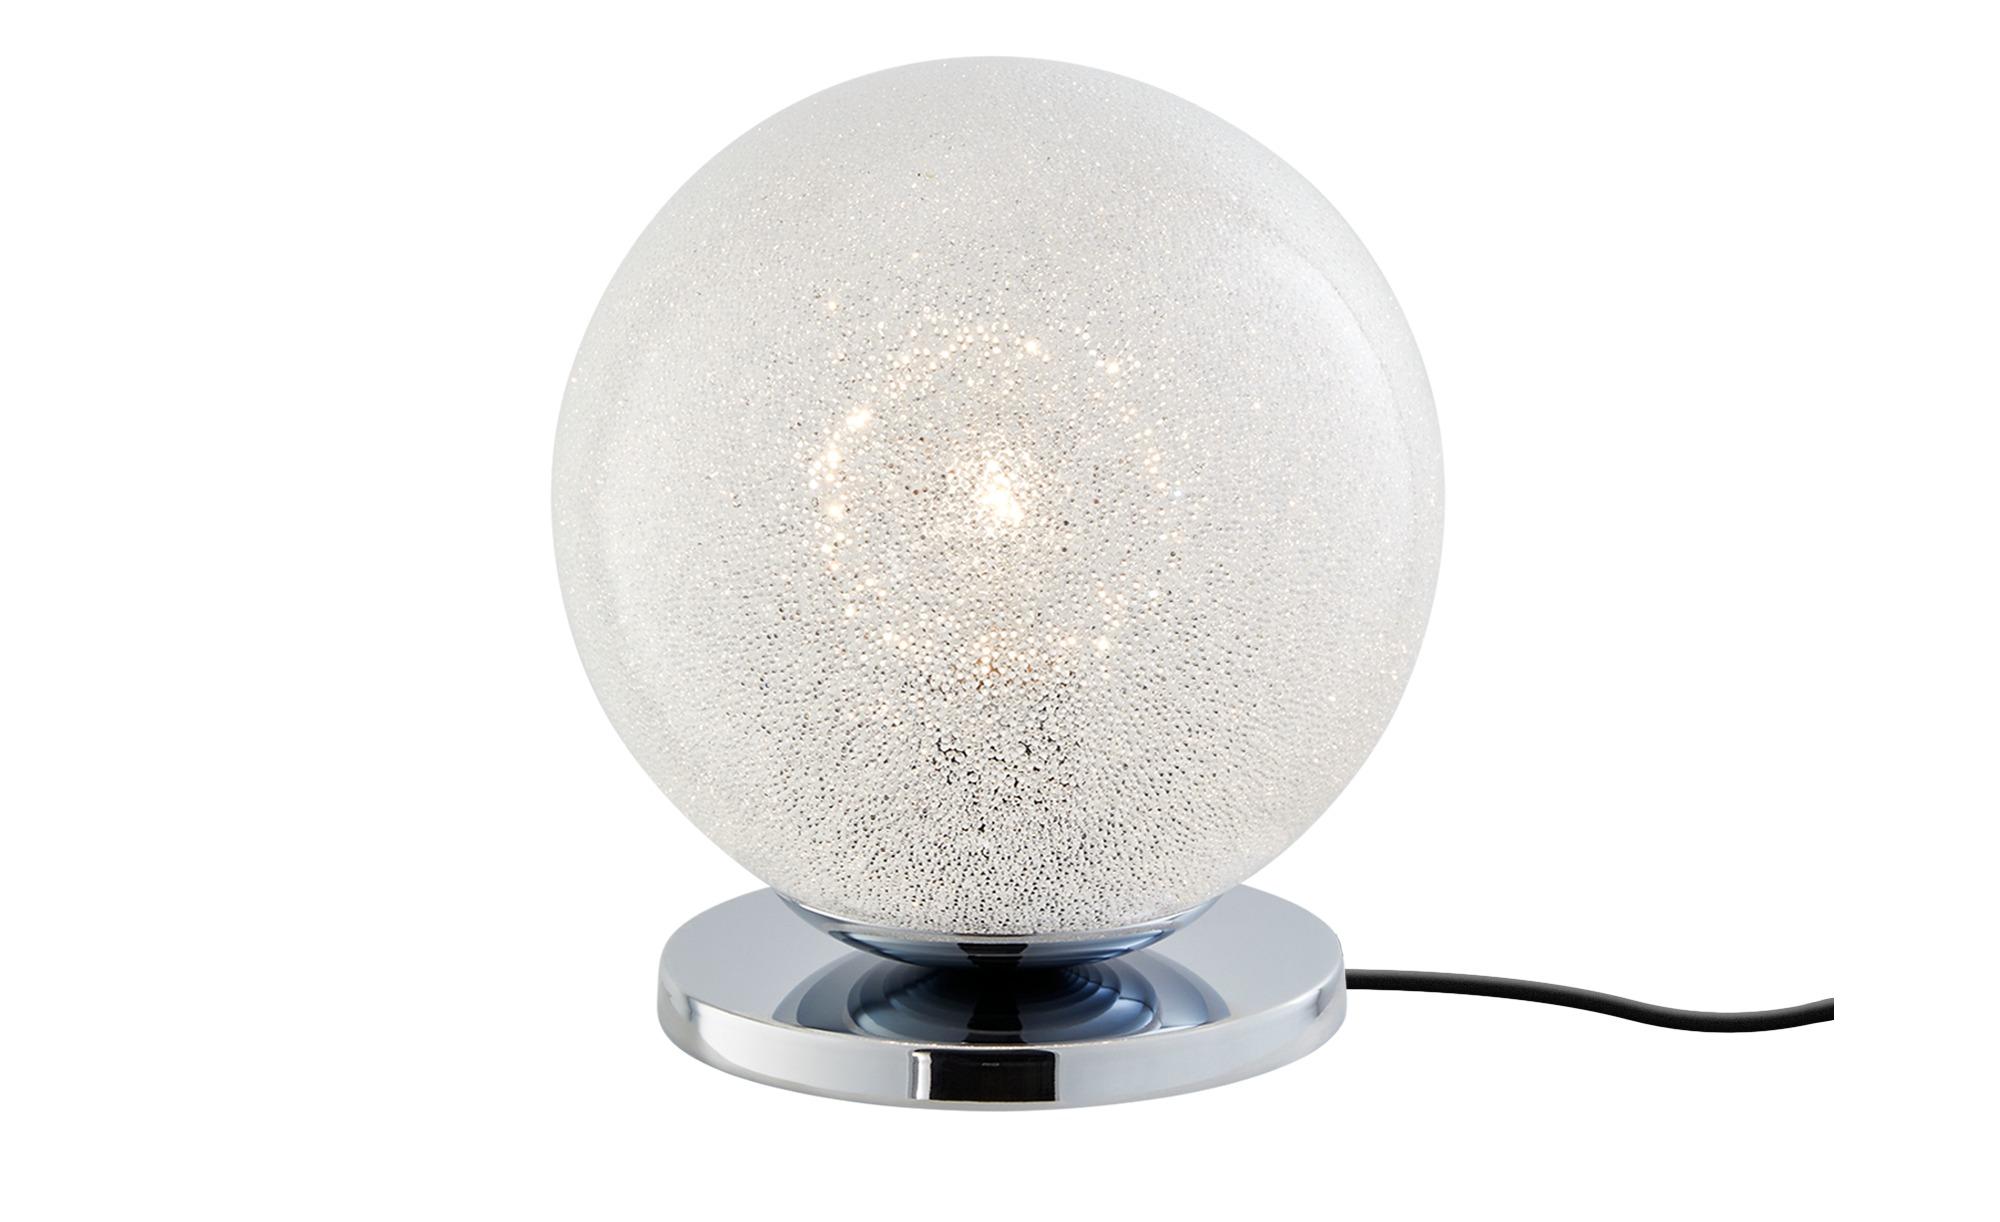 Tischleuchte, 1-flammig, Glas in Kristalloptik ¦ silber ¦ Maße (cm): H: 22,3 Ø: [20.0] Lampen & Leuchten > Innenleuchten > Tischlampen - Höffner